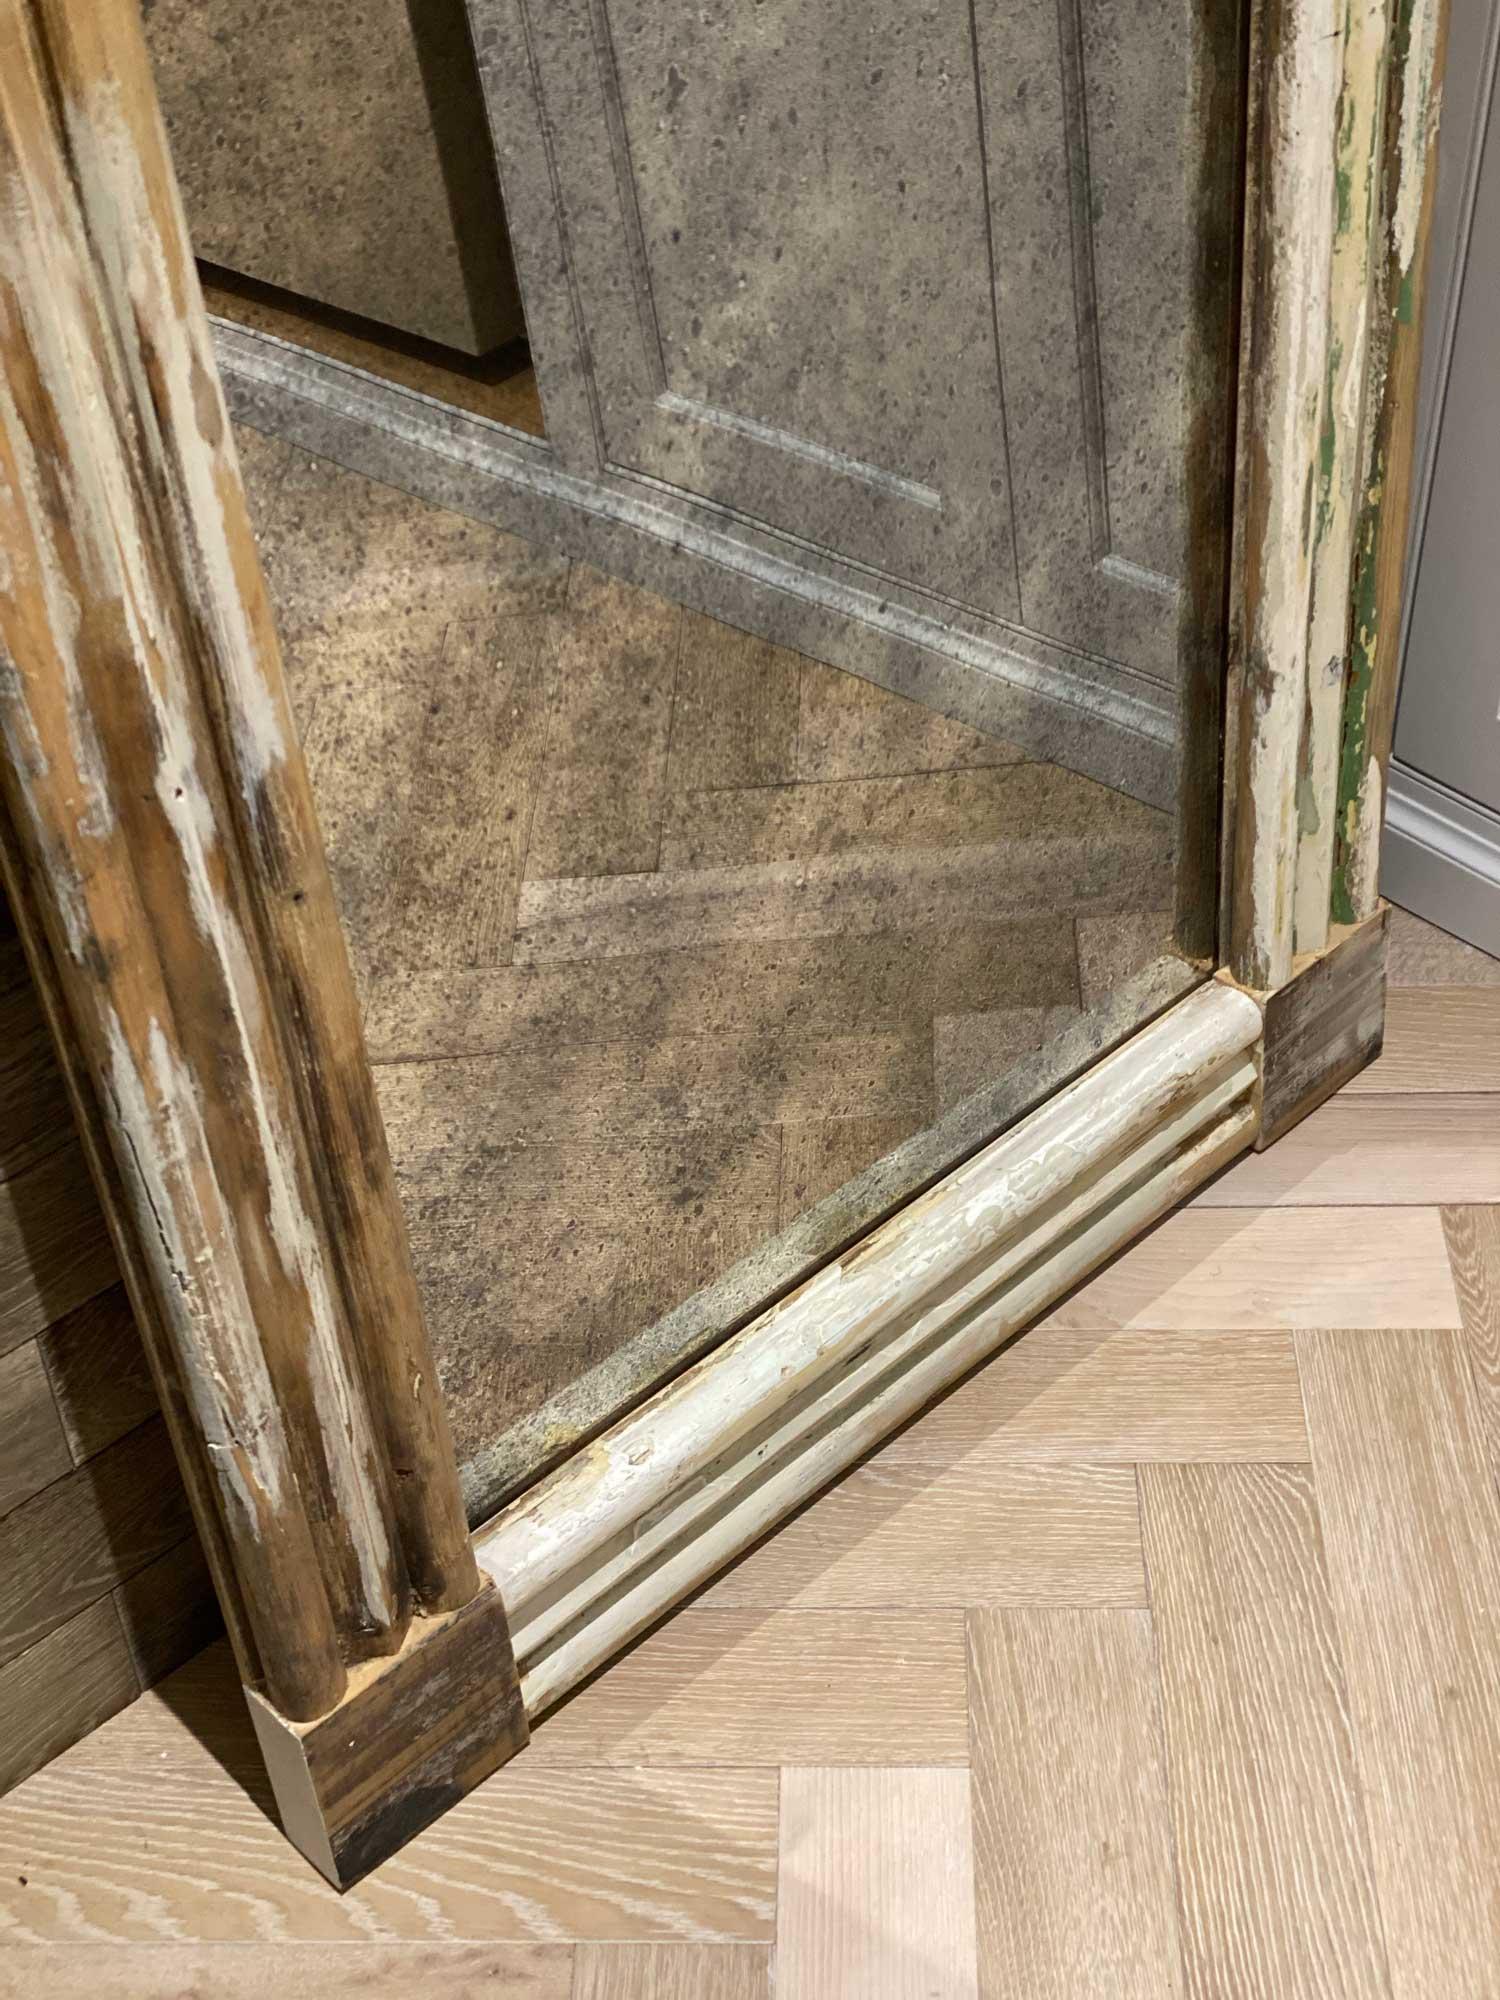 Antique mirror reflects parquet flooring